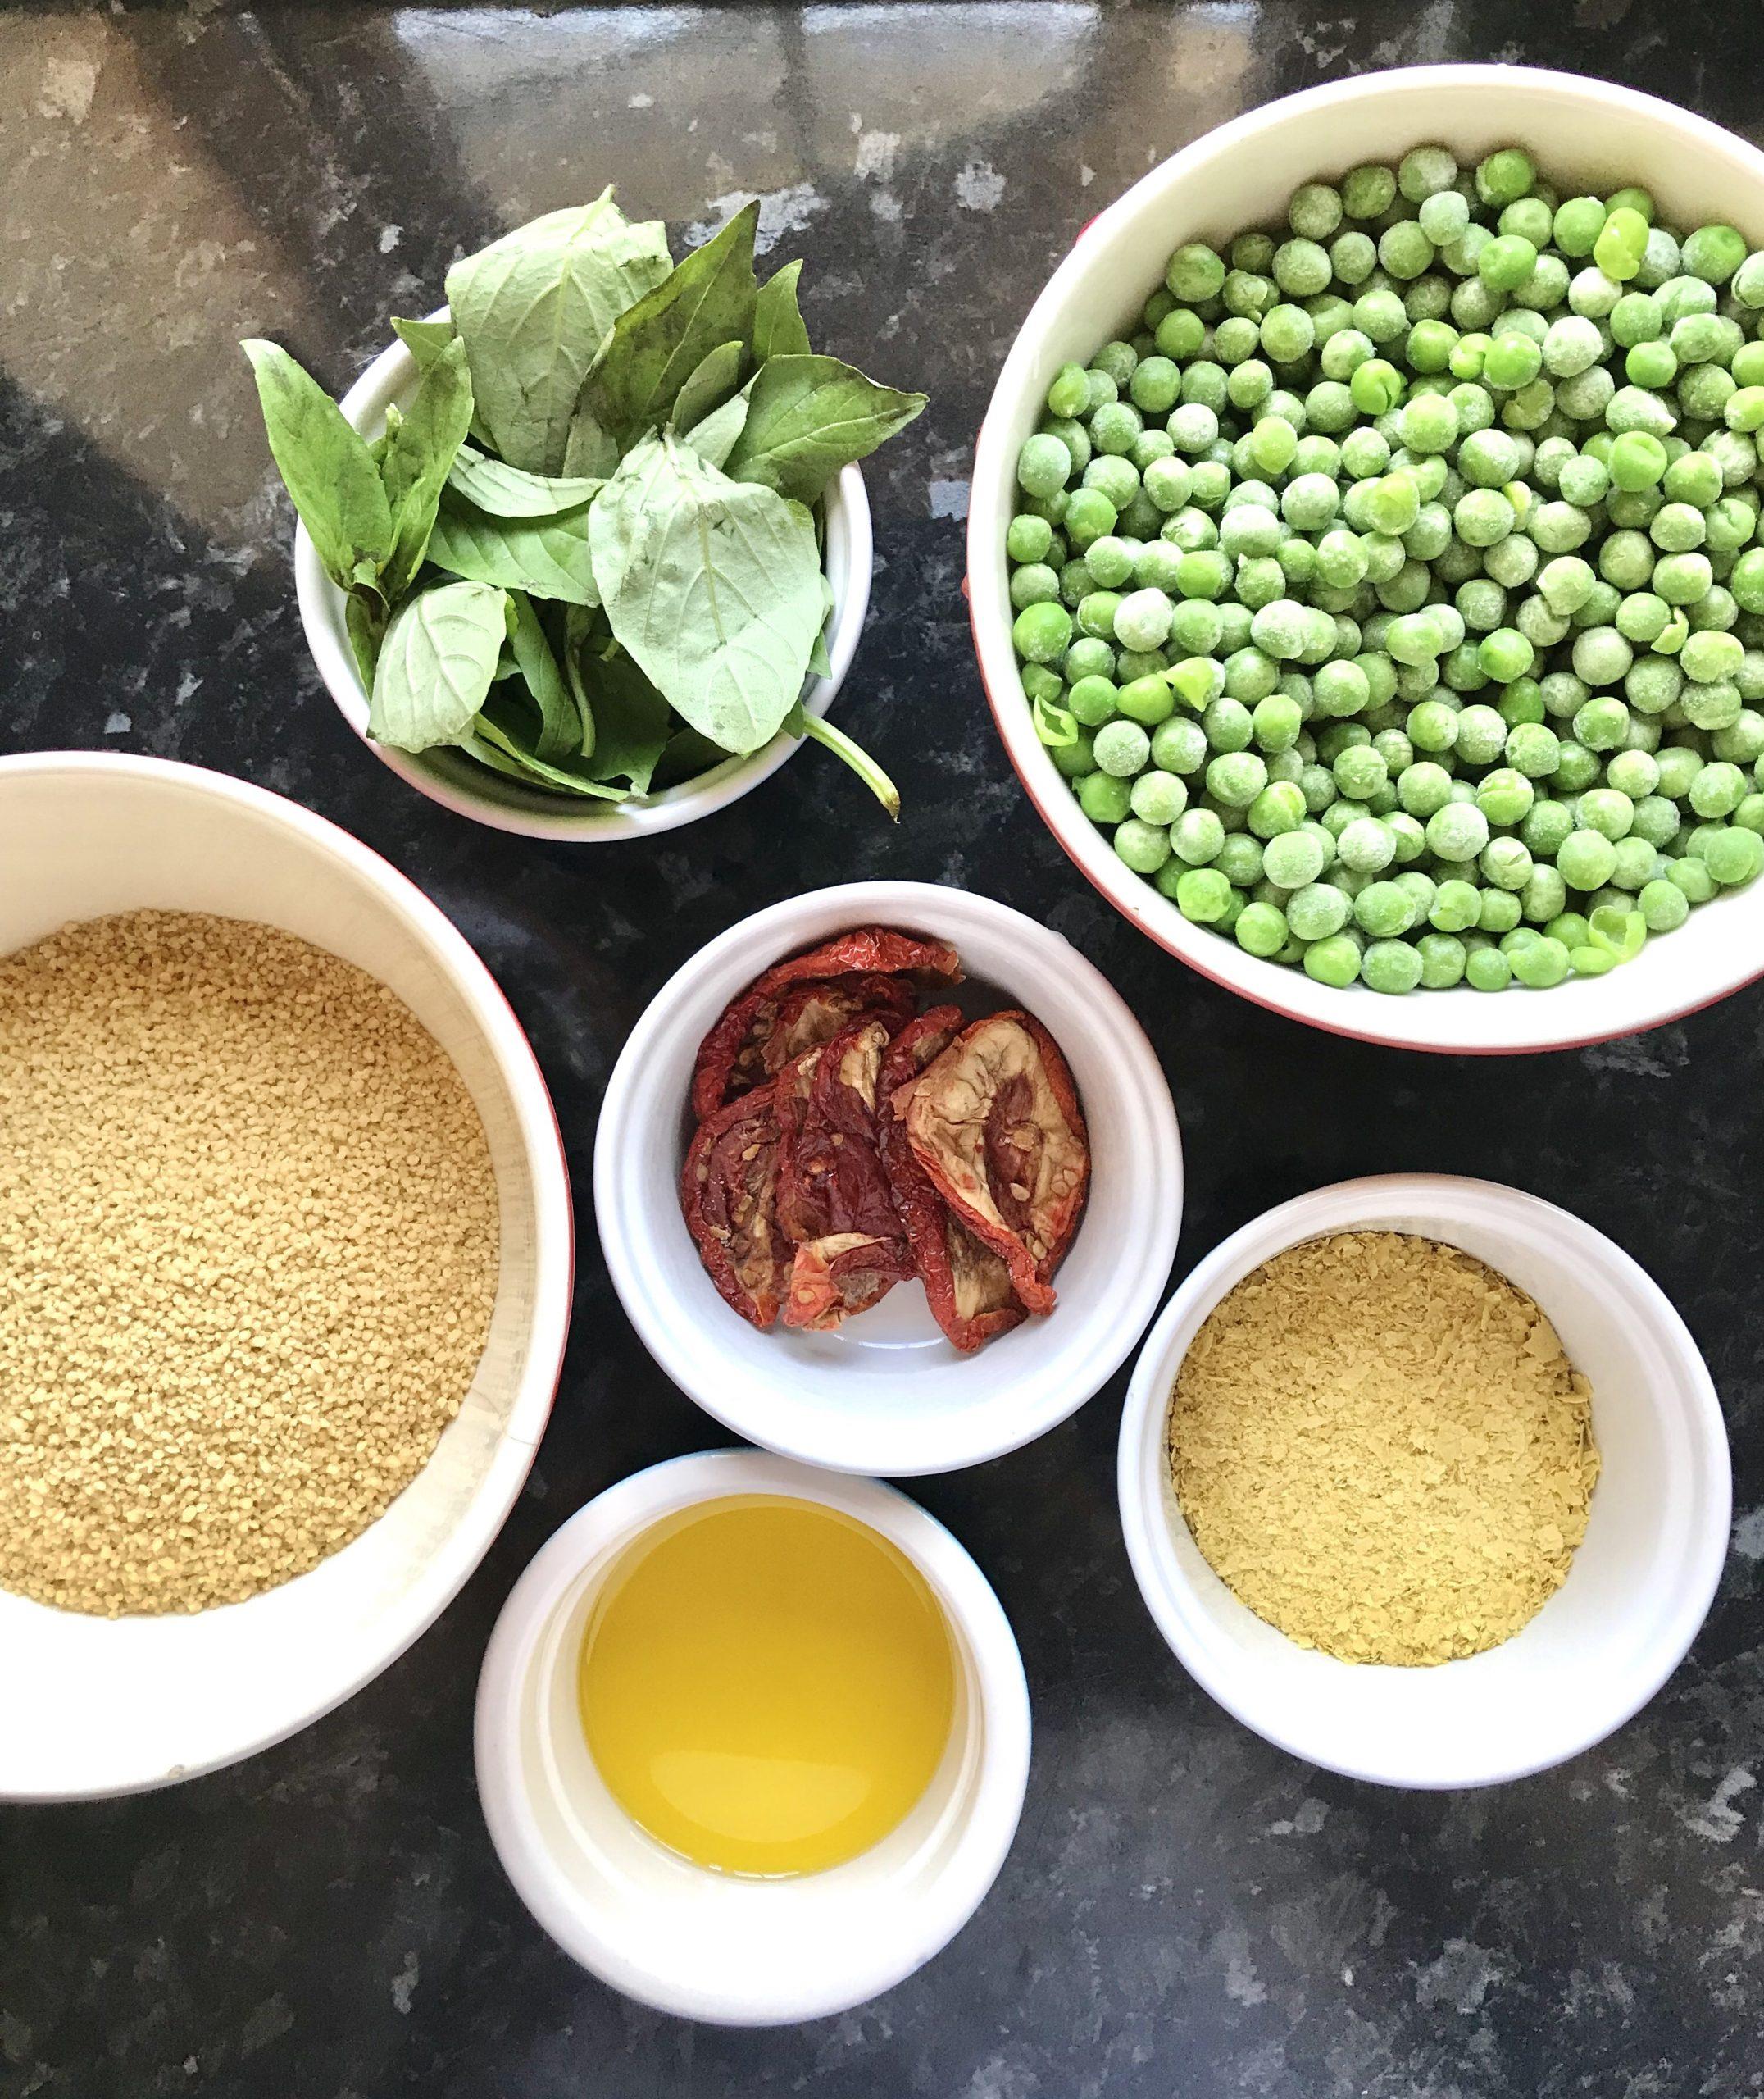 ingredients to prepare vegan gnocchi